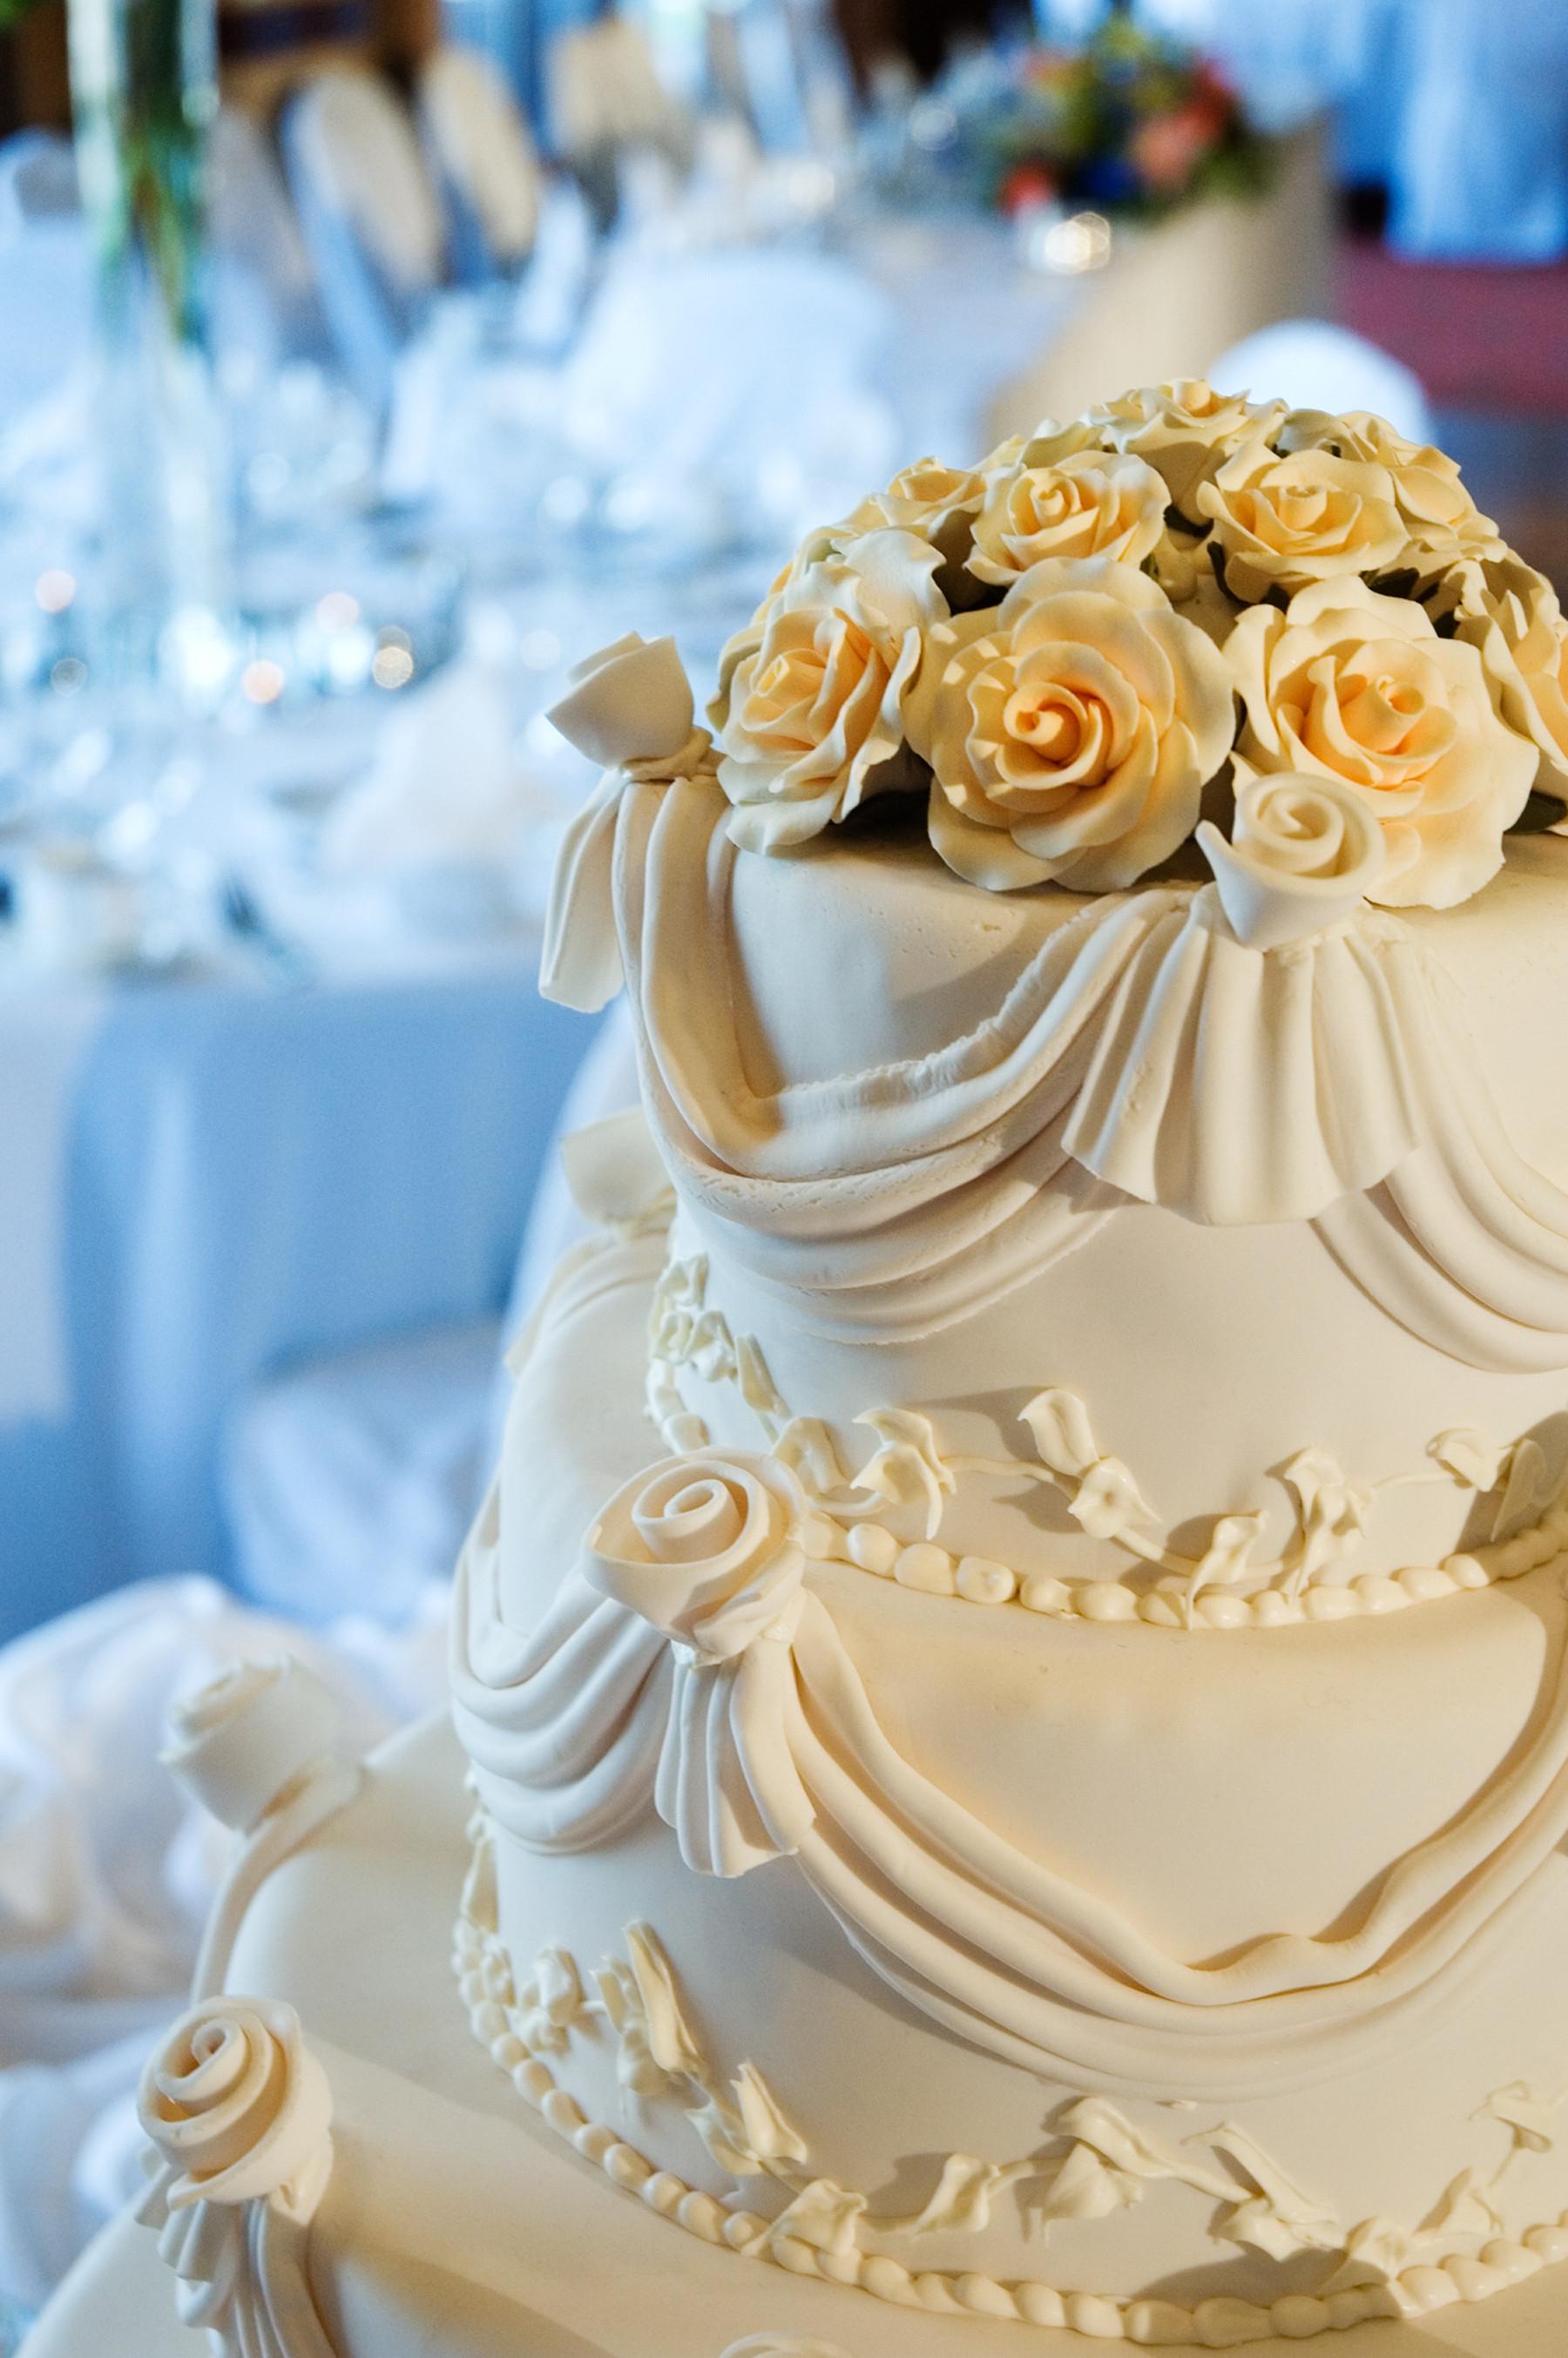 Wedding Cakes Decorated  Wedding Cake Decorating Ideas Easy Wedding Cake